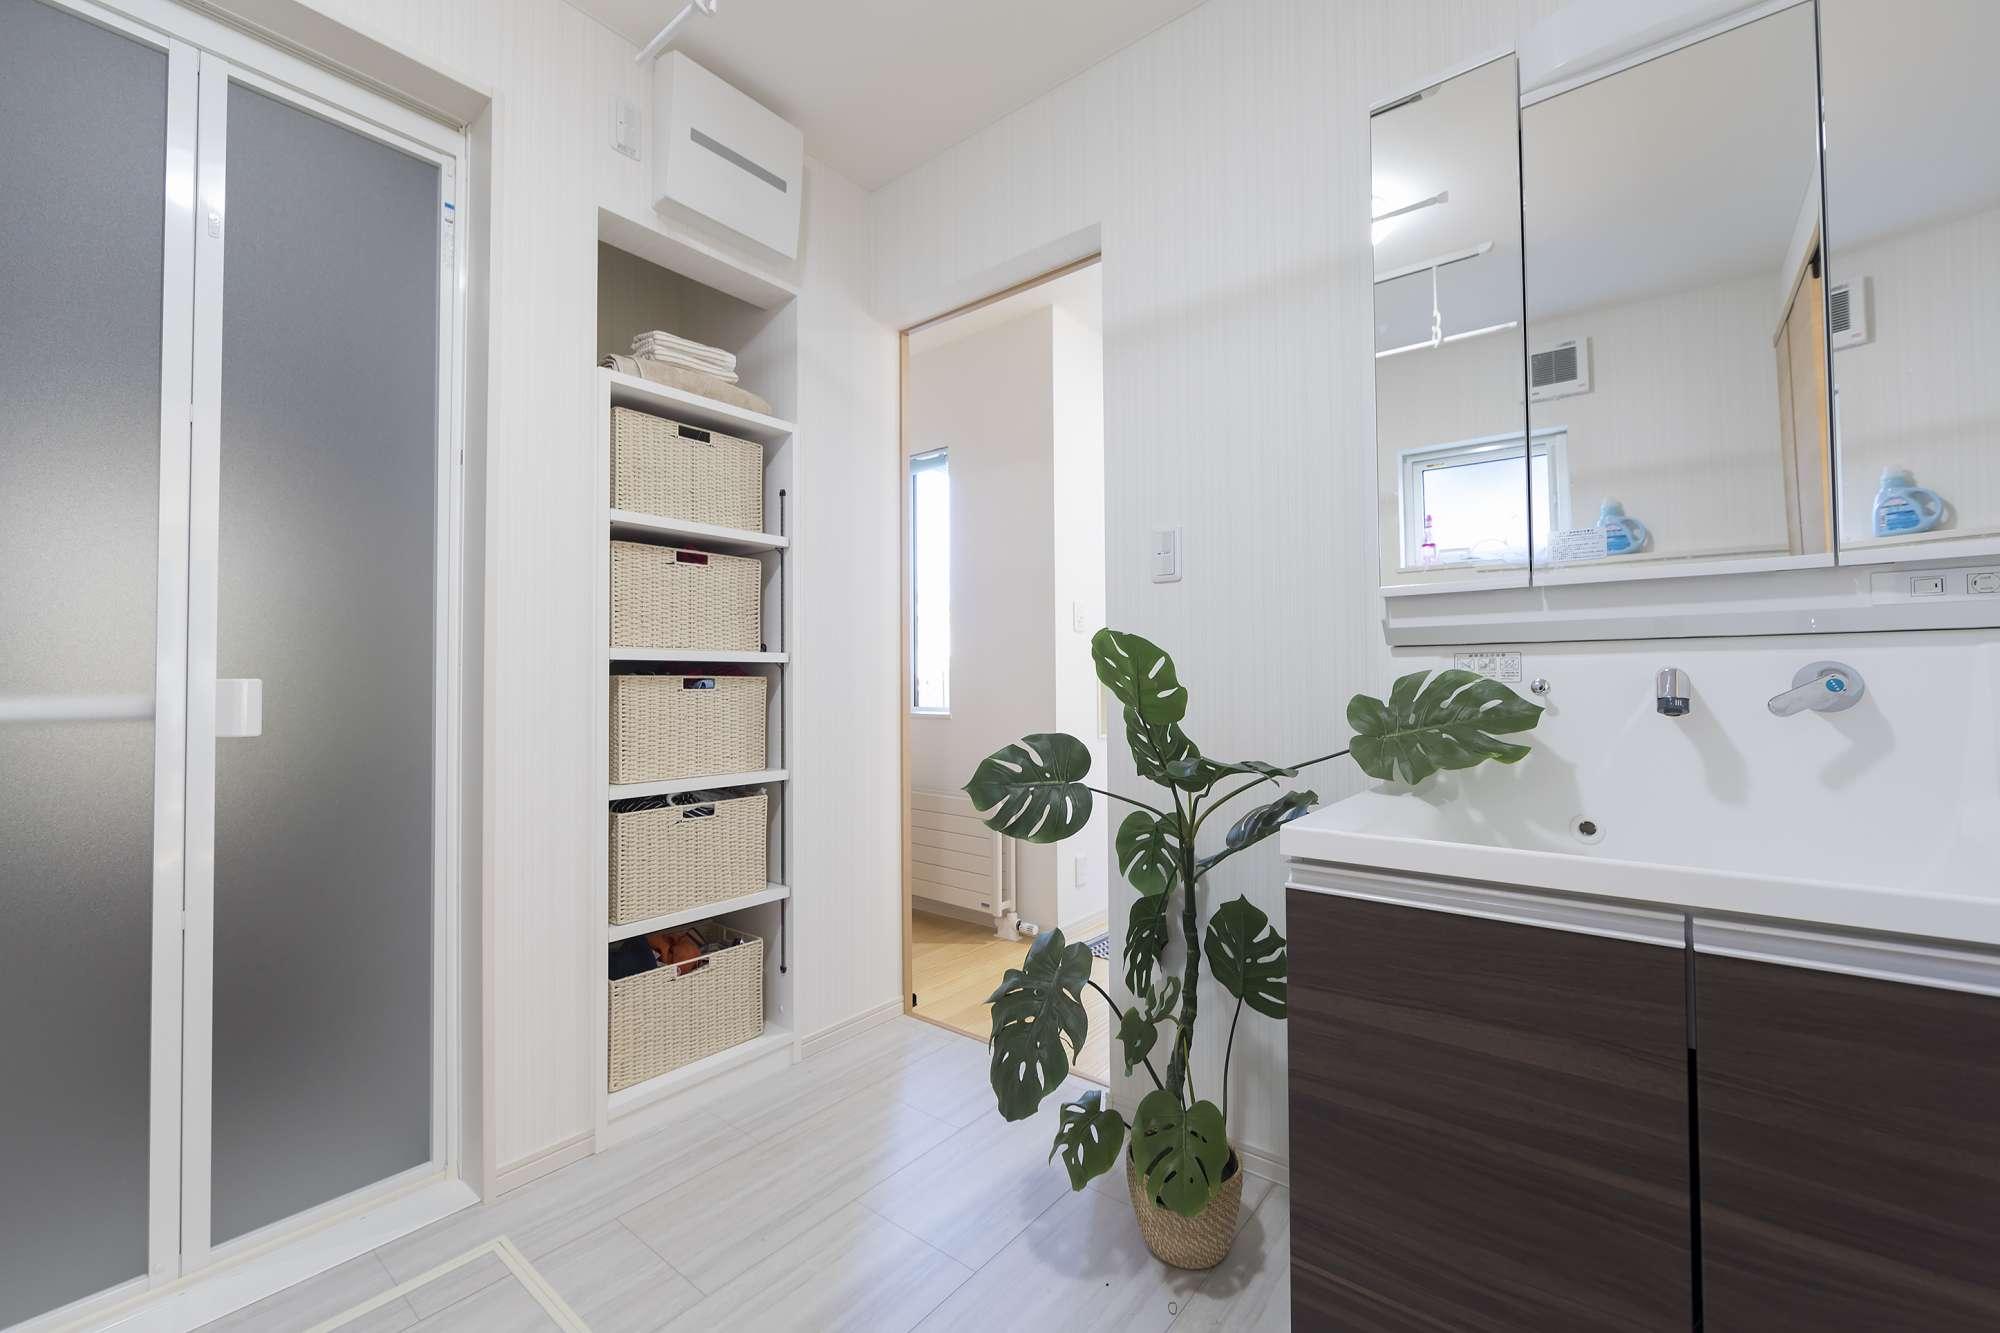 ユーテリティ - キッチンと回遊式に、玄関とつながるユーティリティ。壁面にリネン棚をプランして、お風呂上がりの着替えやタオルもサッと取り出せます。 -  -